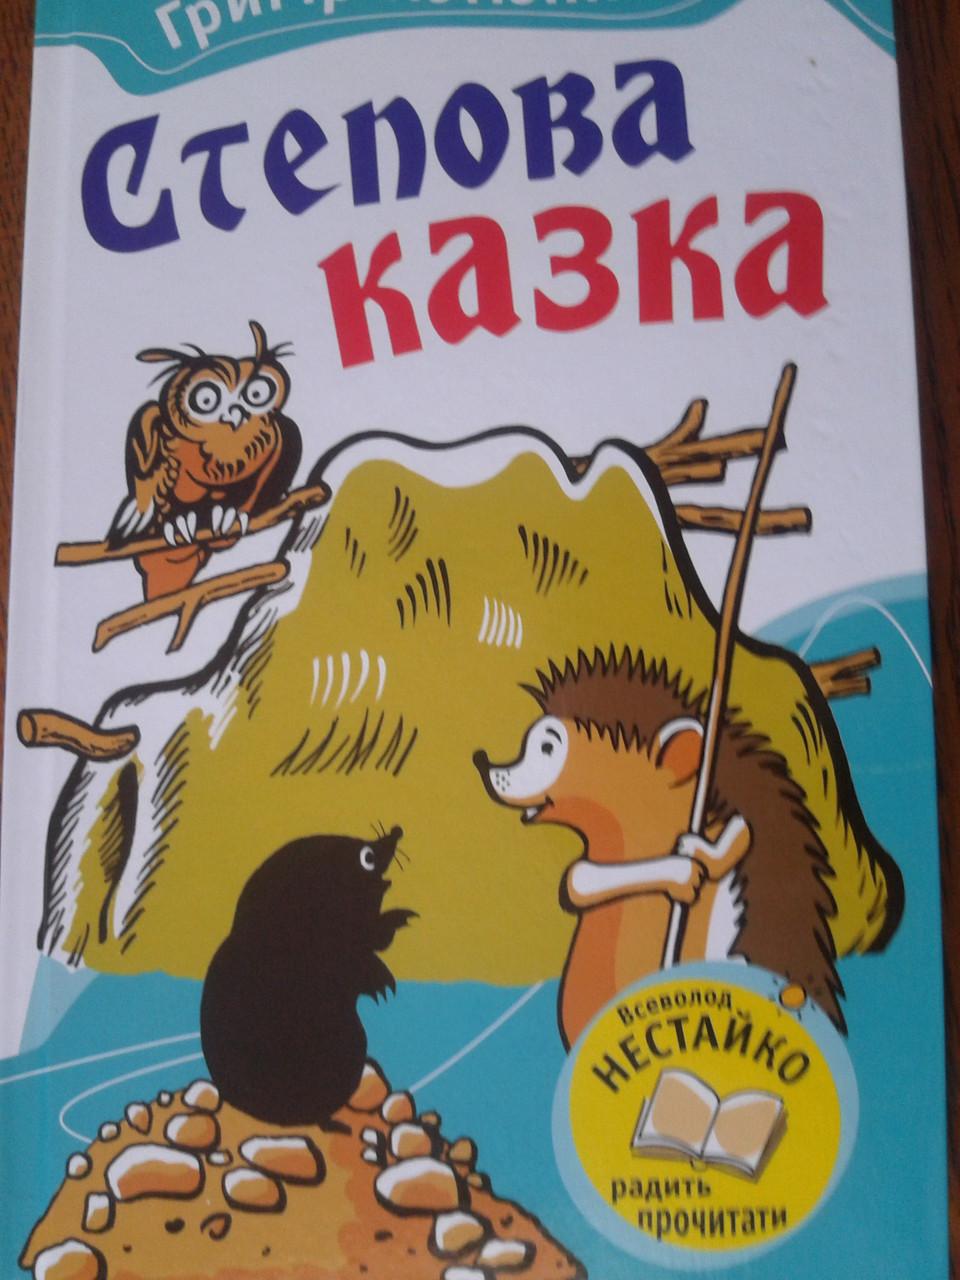 Григір Тютюнник. СТЕПОВА КАЗКА Казки та оповідання автора дихають любов'ю до природи, звірів - братів наших менших.